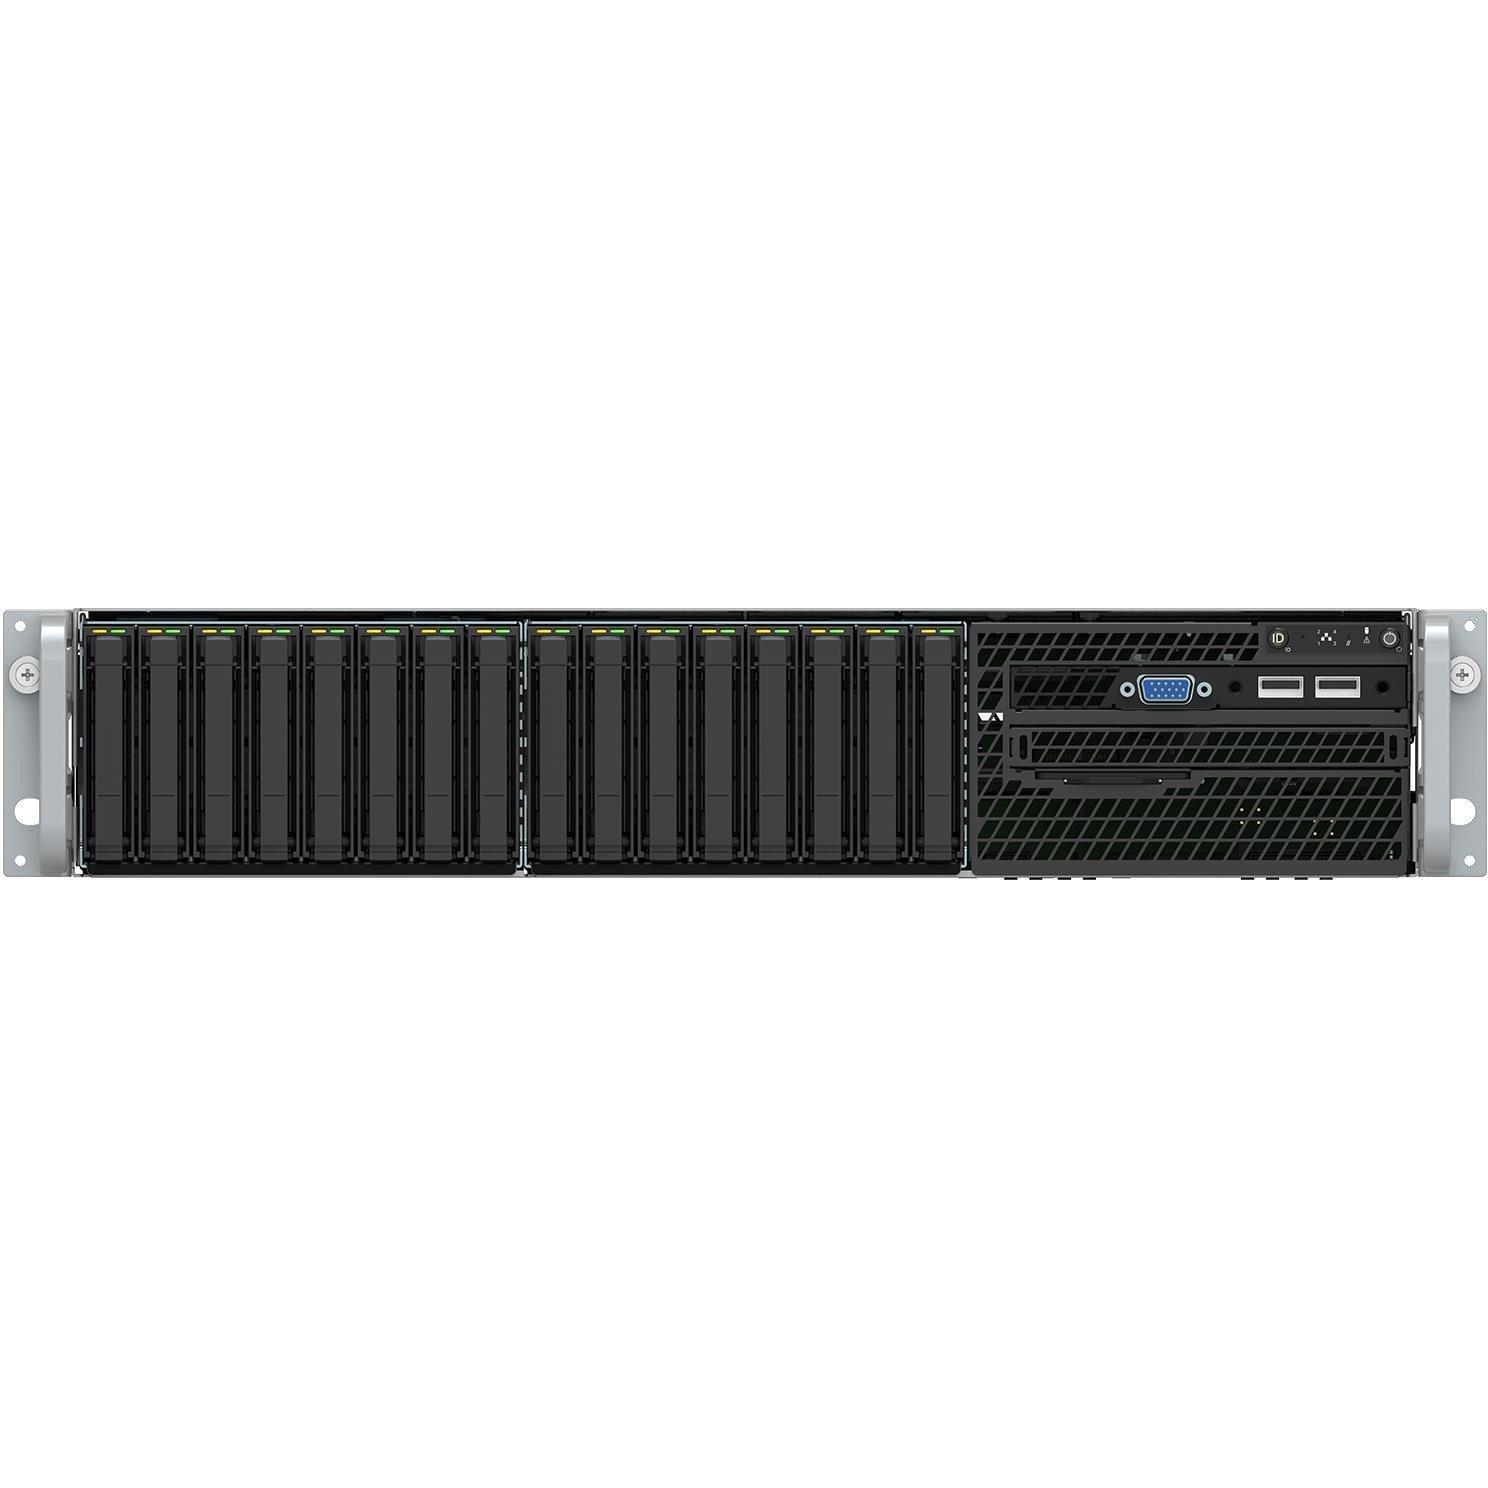 Intel Server System VRN2208WFAF83 2U Rack Server - 1 x Intel Xeon Gold 6152 2.10 GHz - 32 GB RAM HDD - 2 TB SSD - Serial ATA Controller